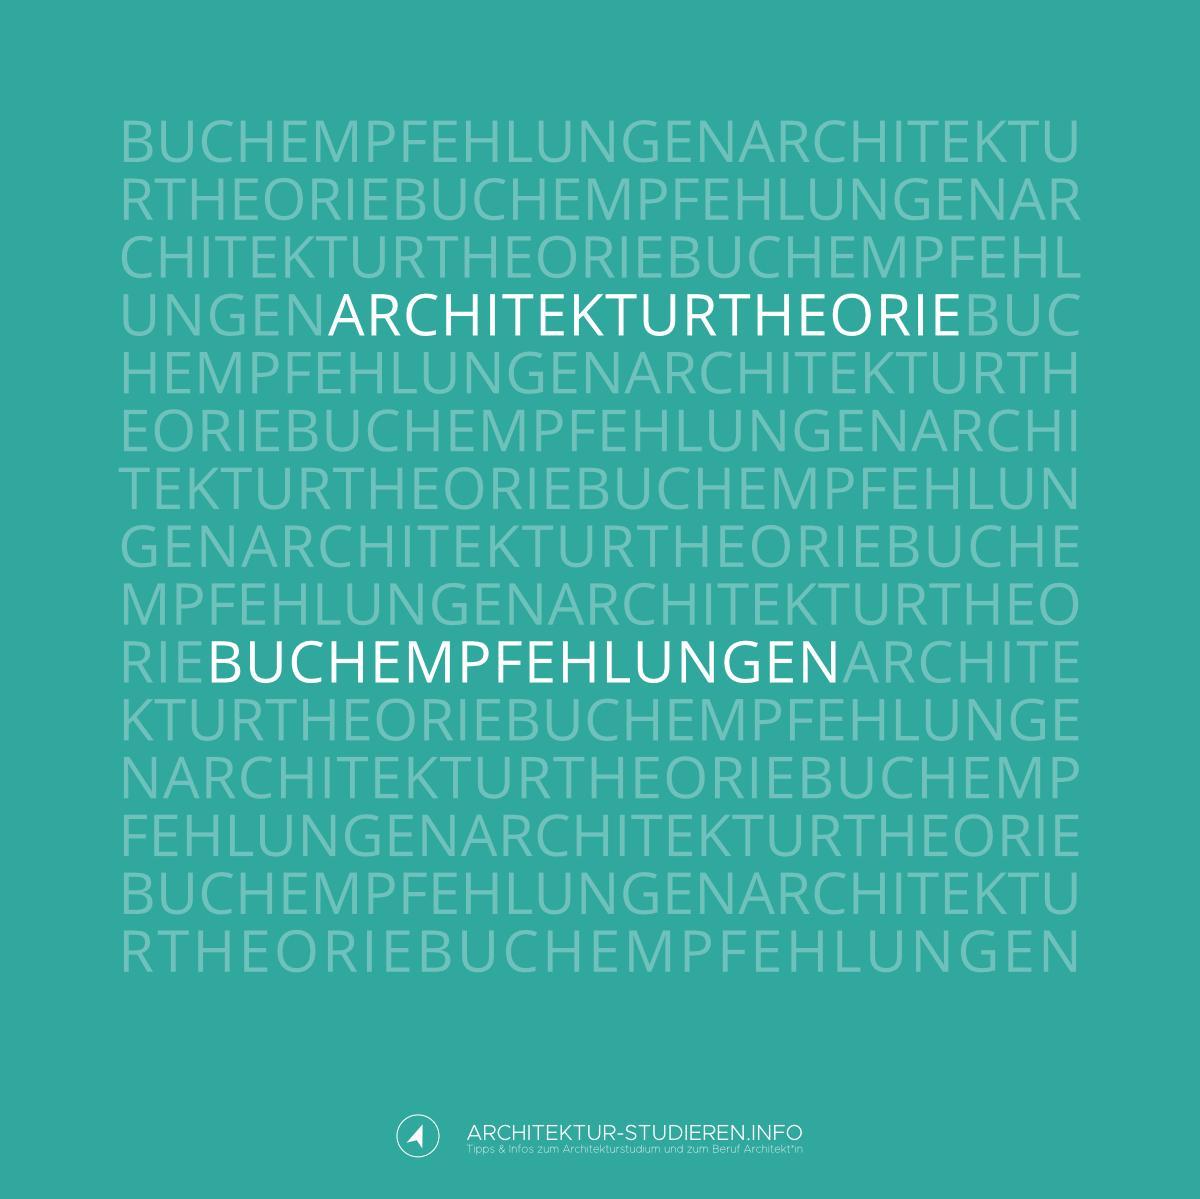 Buchempfehlungen: Architekturtheorie und -philosophie | © Anett Ring, Architektur-studieren.info